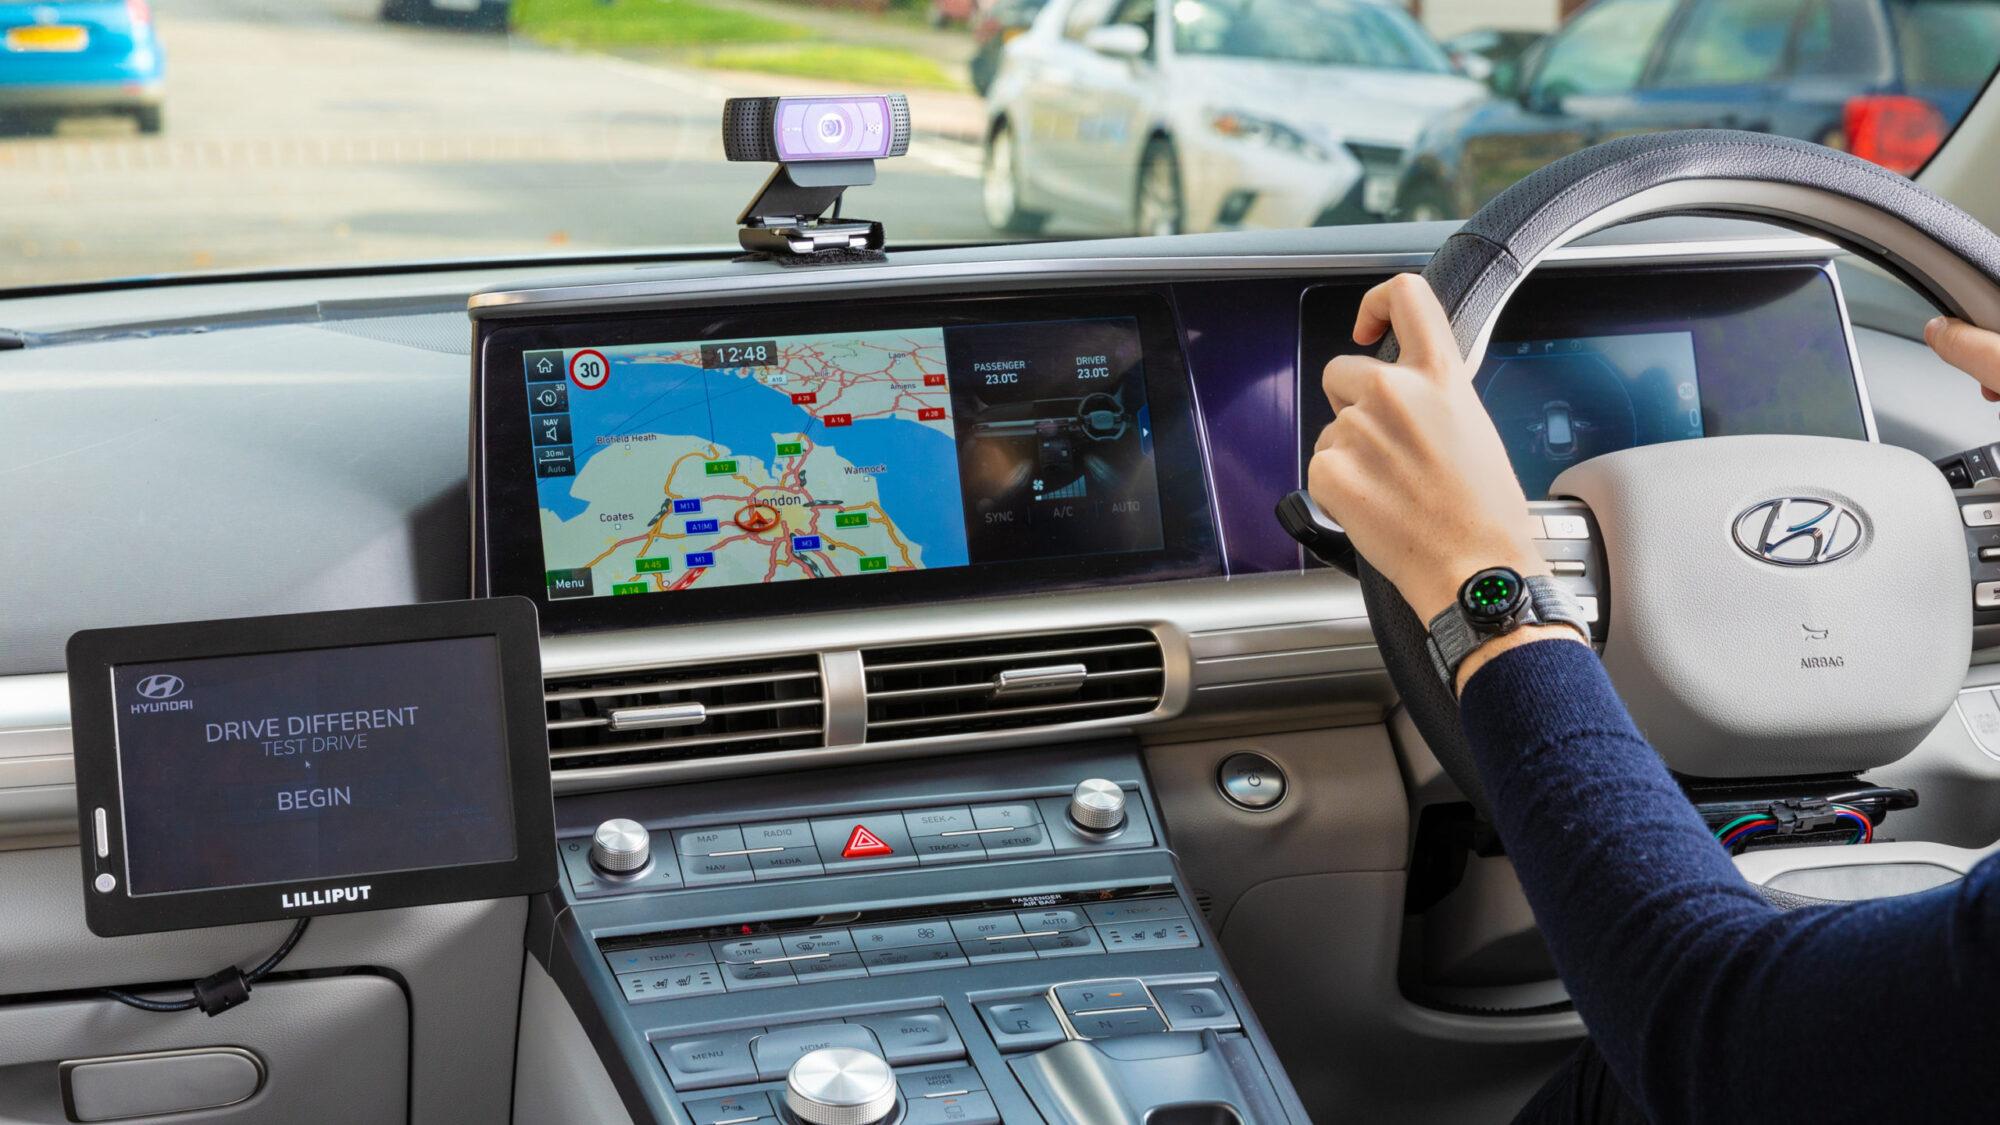 Carros Elétricos: 10 mitos que precisa conhecer